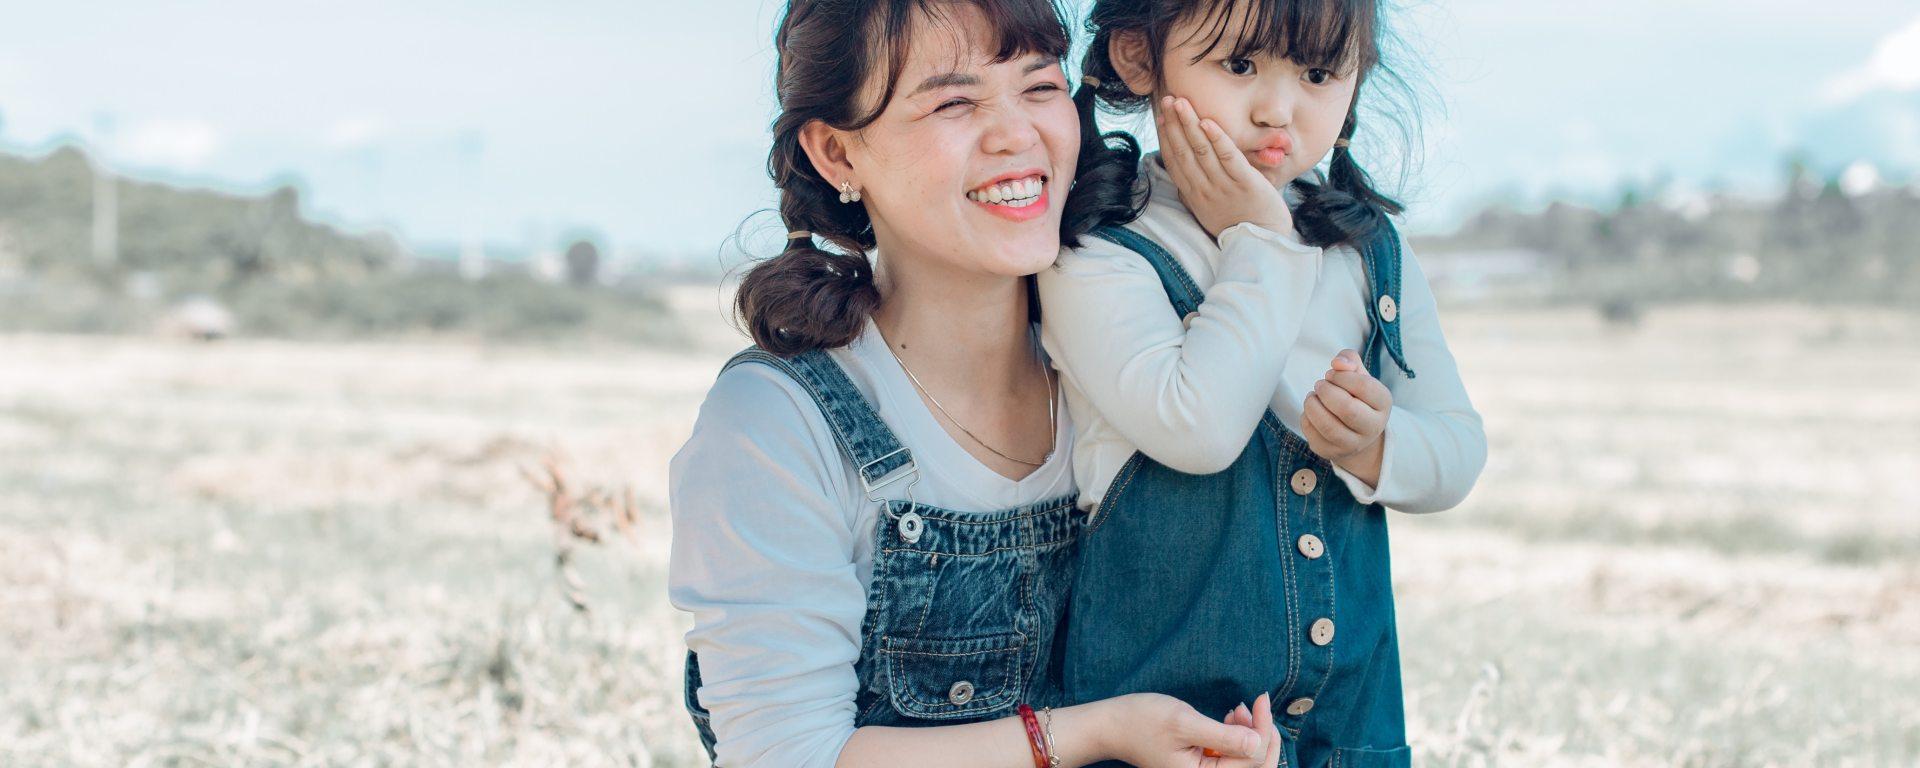 σχέση γονιού παιδιού, γονιός, παιδί, ψυχολογία, ψυχική υγεία,